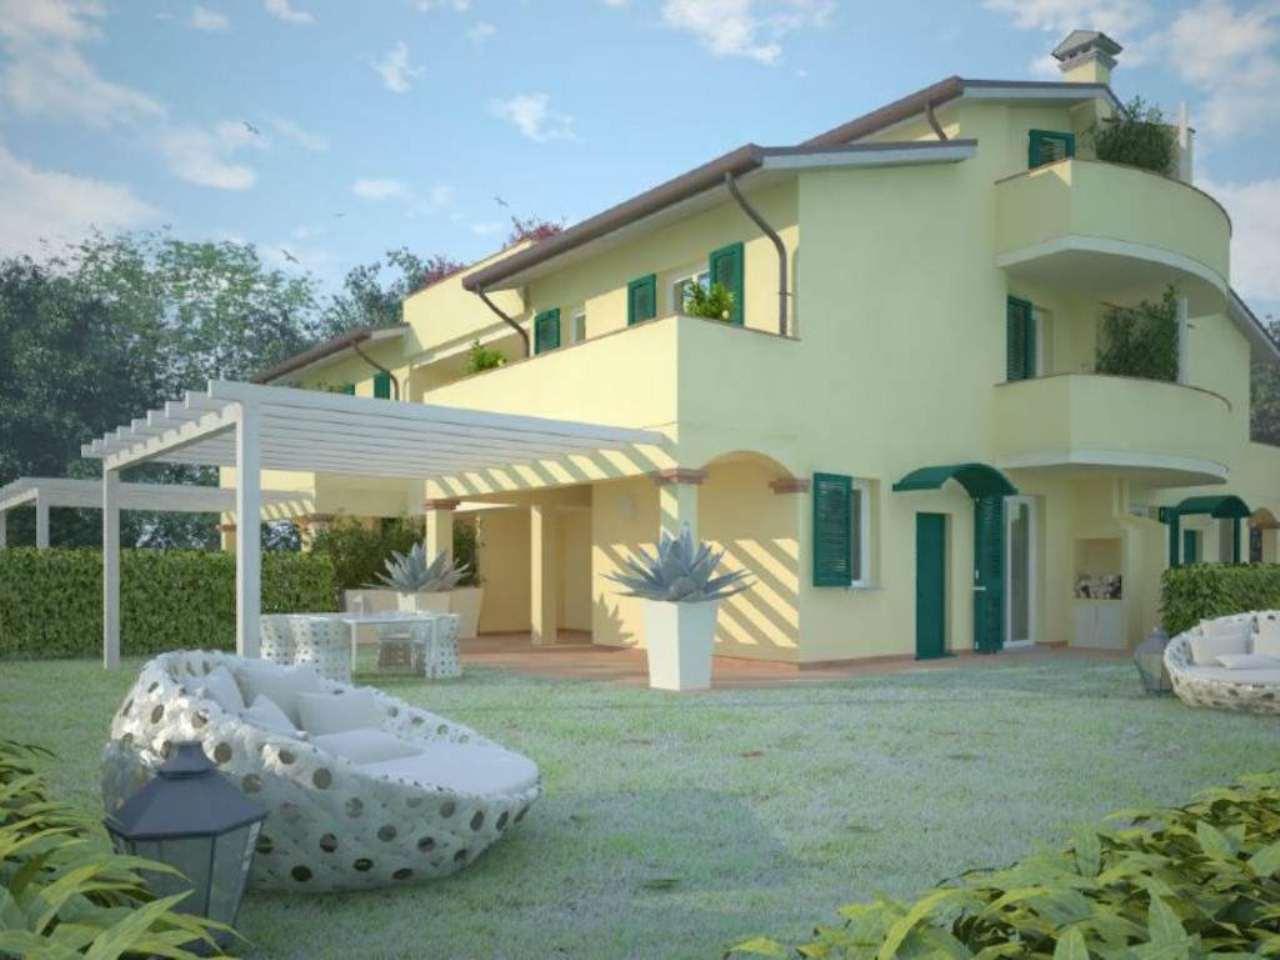 Villa in Vendita a Russi Centro: 5 locali, 155 mq